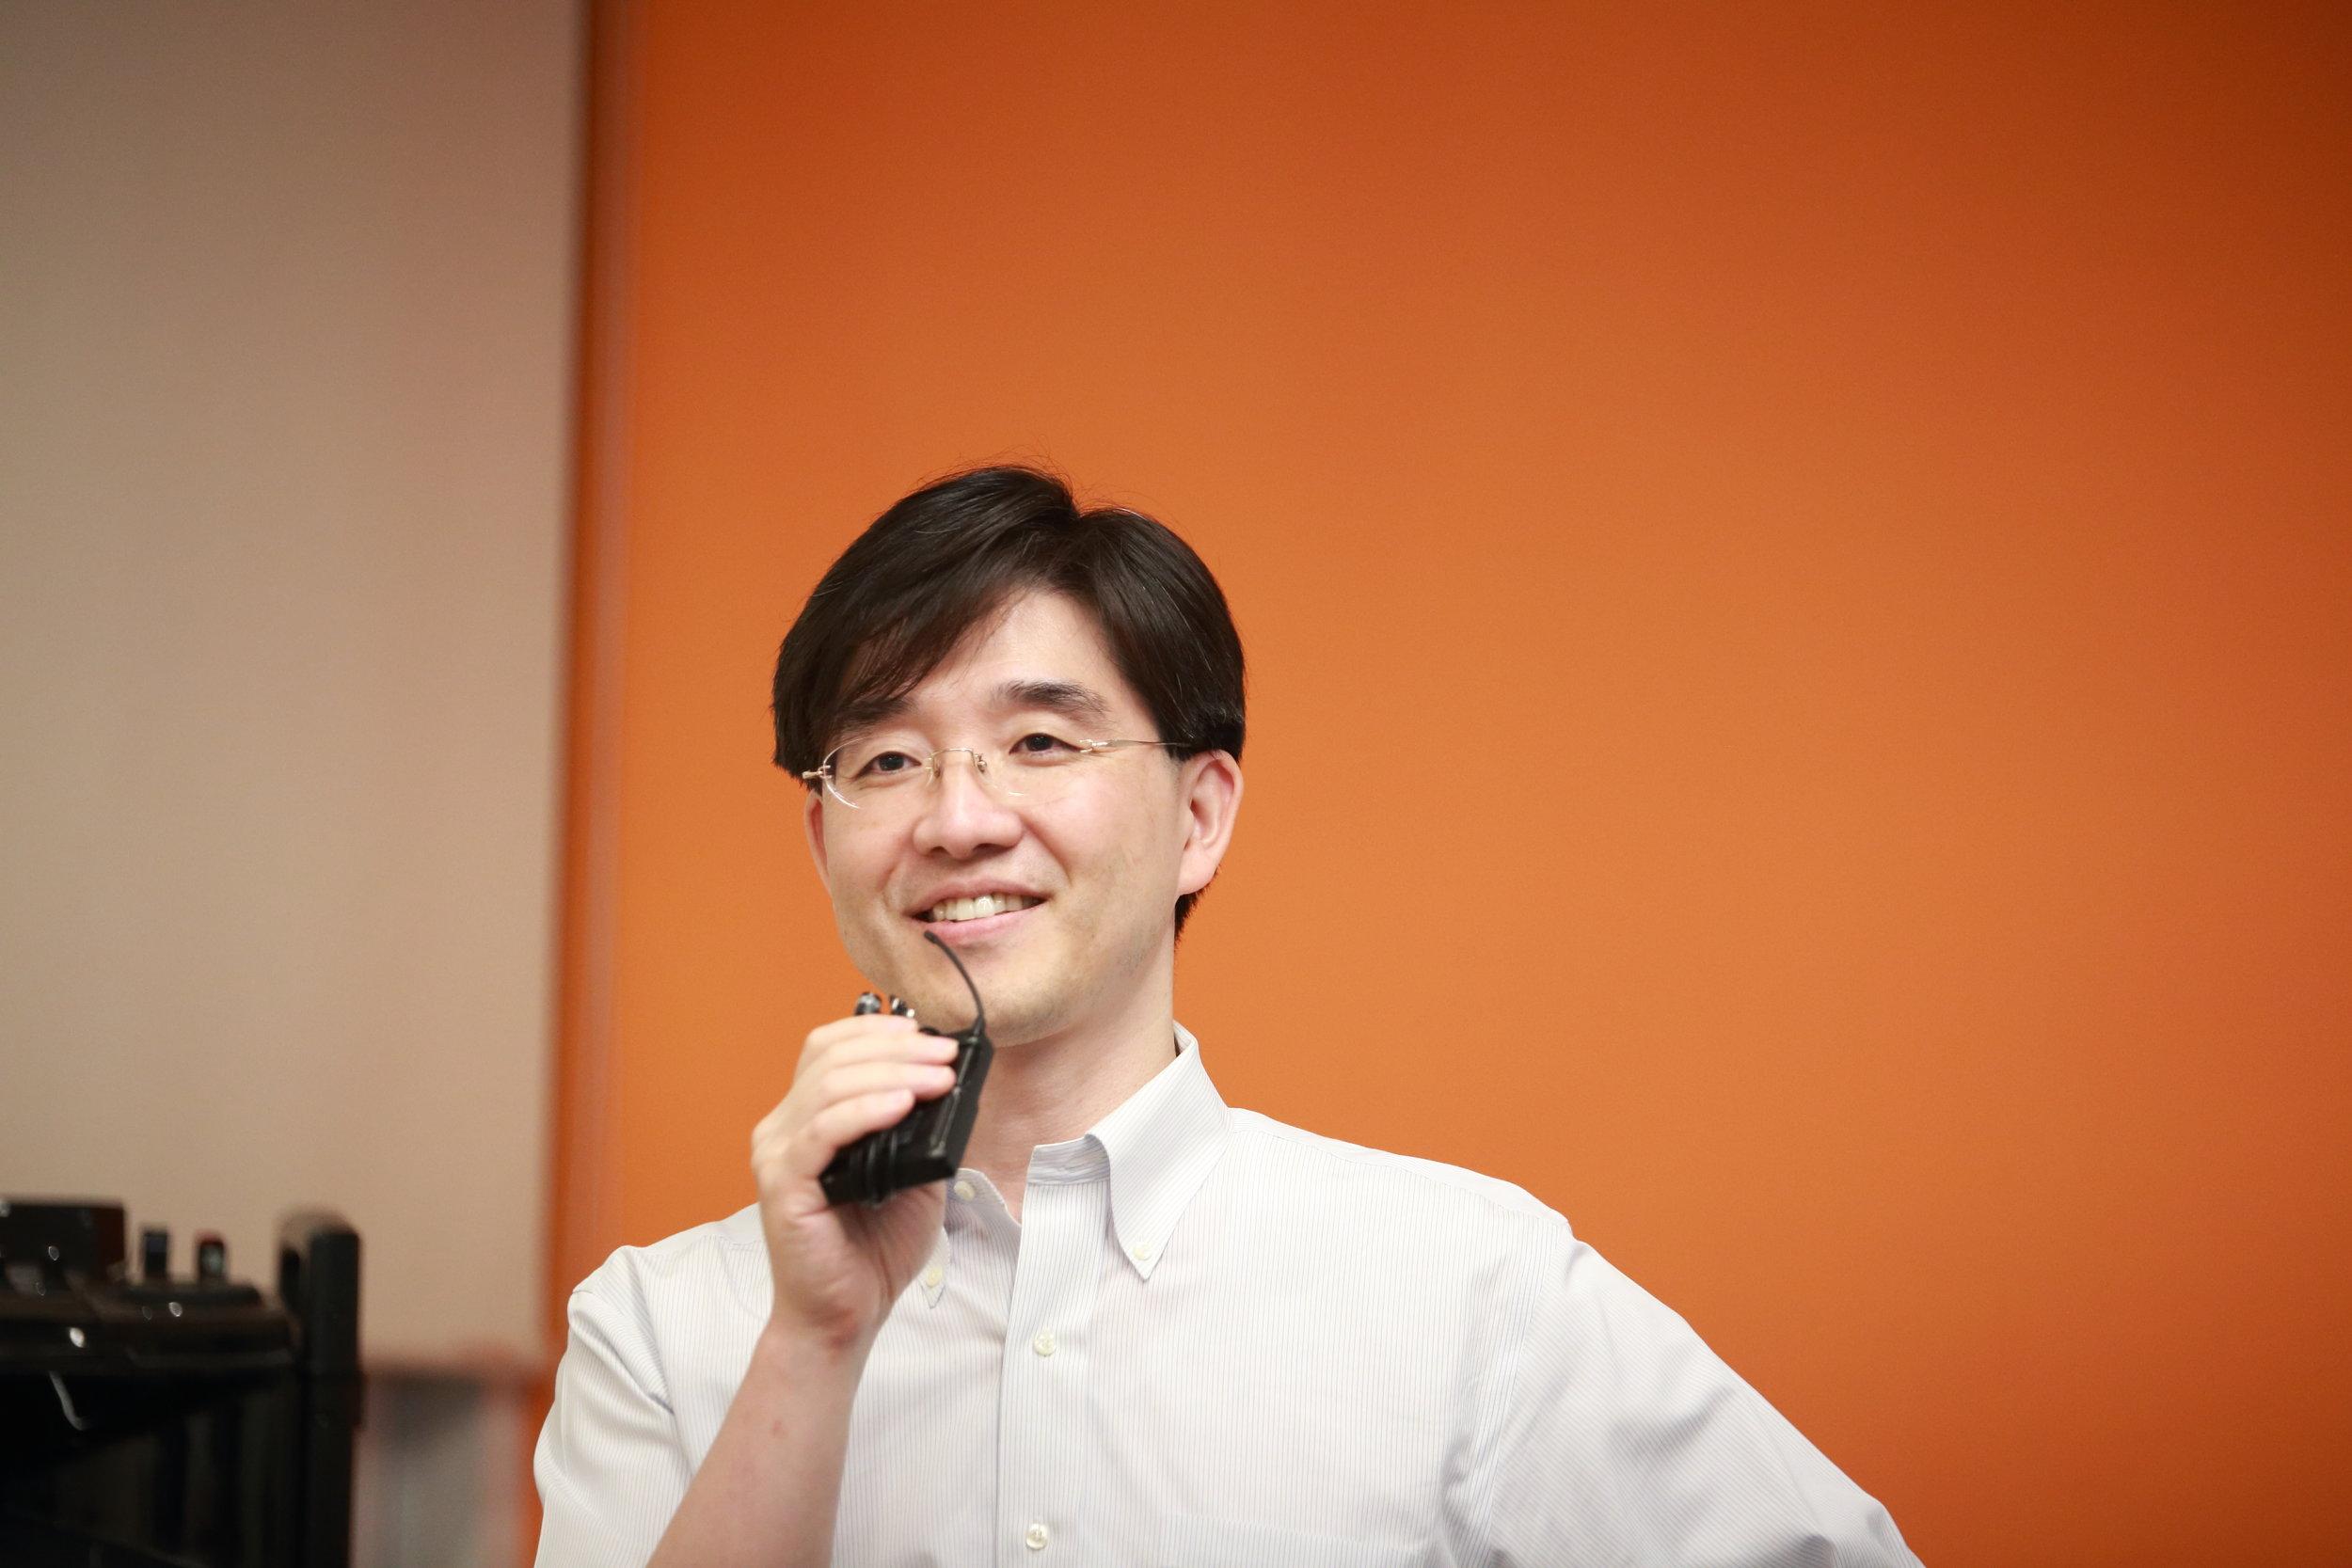 Hyun S. Shin